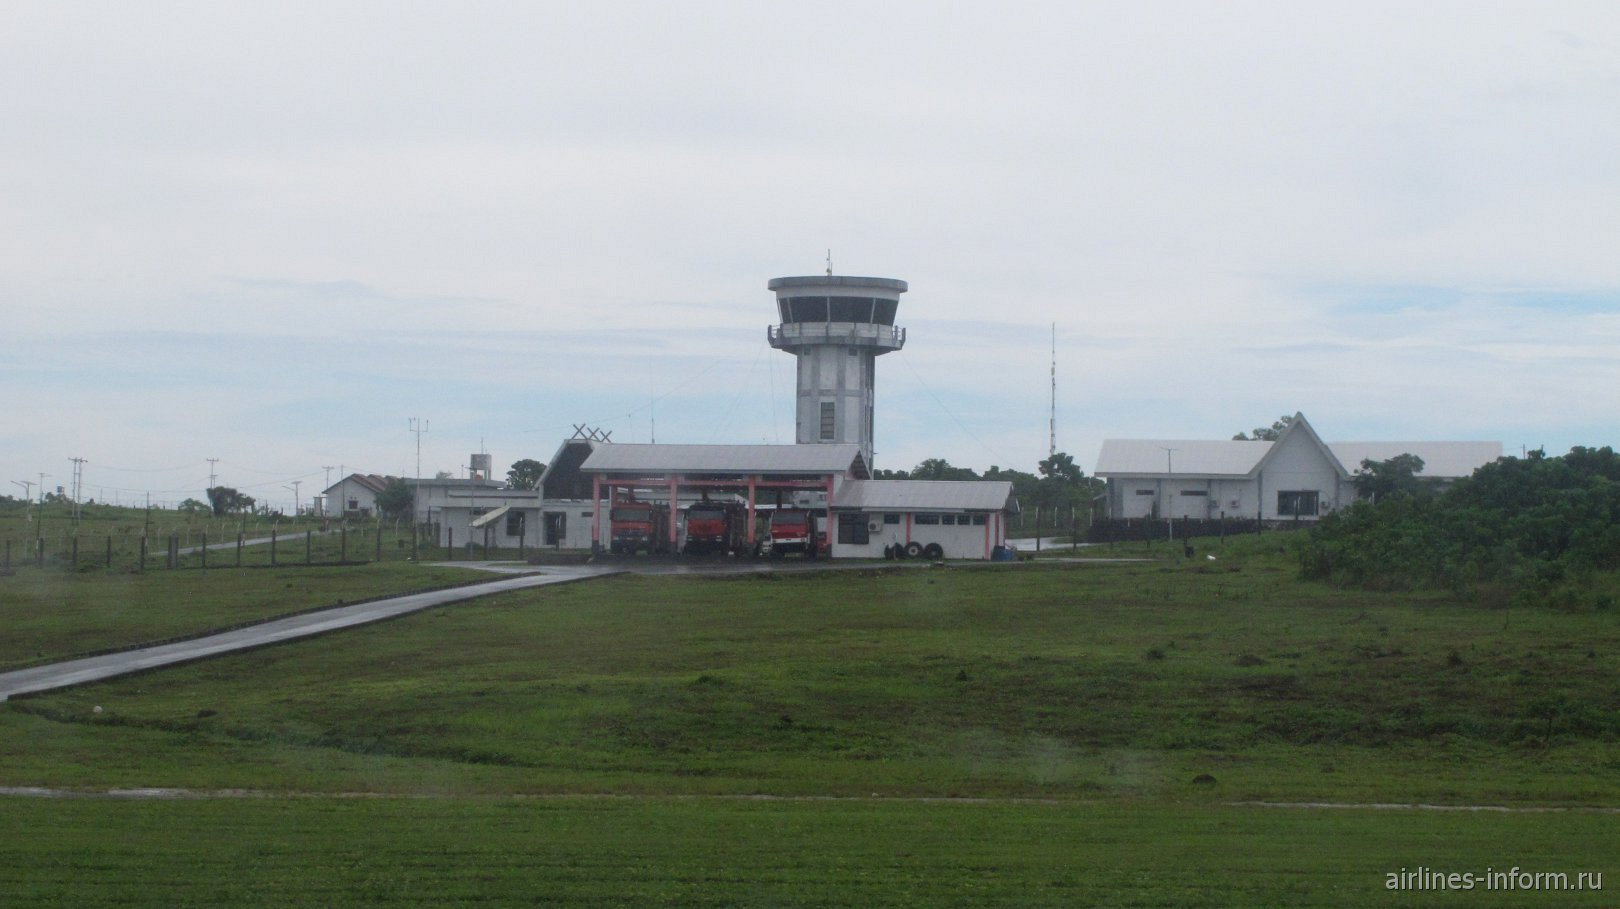 Диспетчерская башня и пожарная часть в аэропорту Лангур